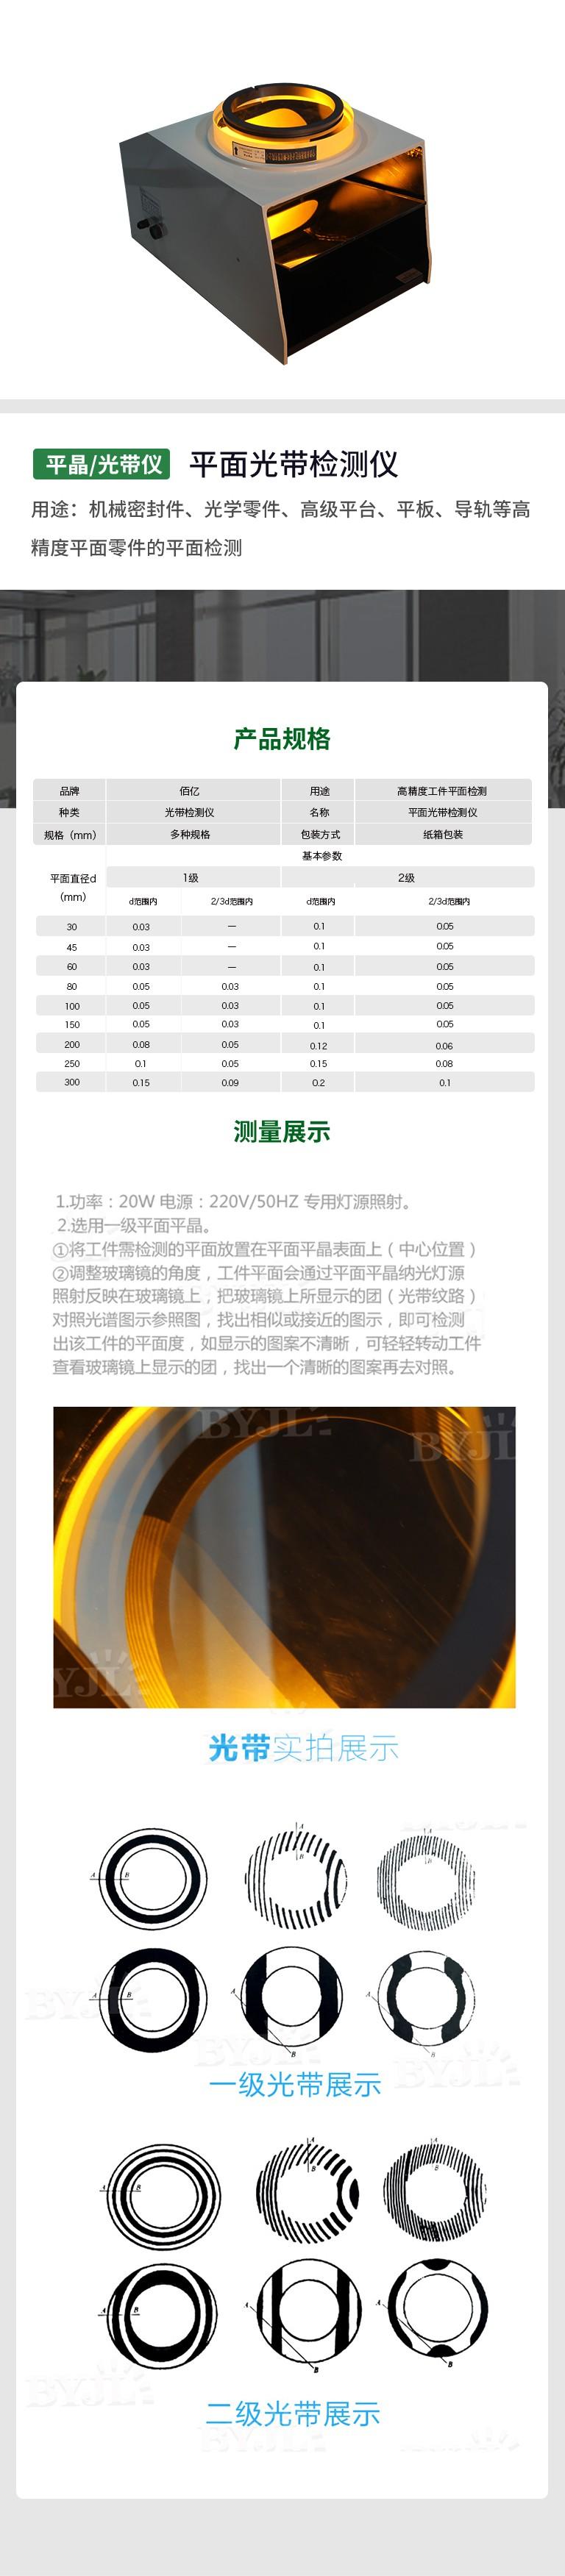 平面光带检测仪_01.jpg